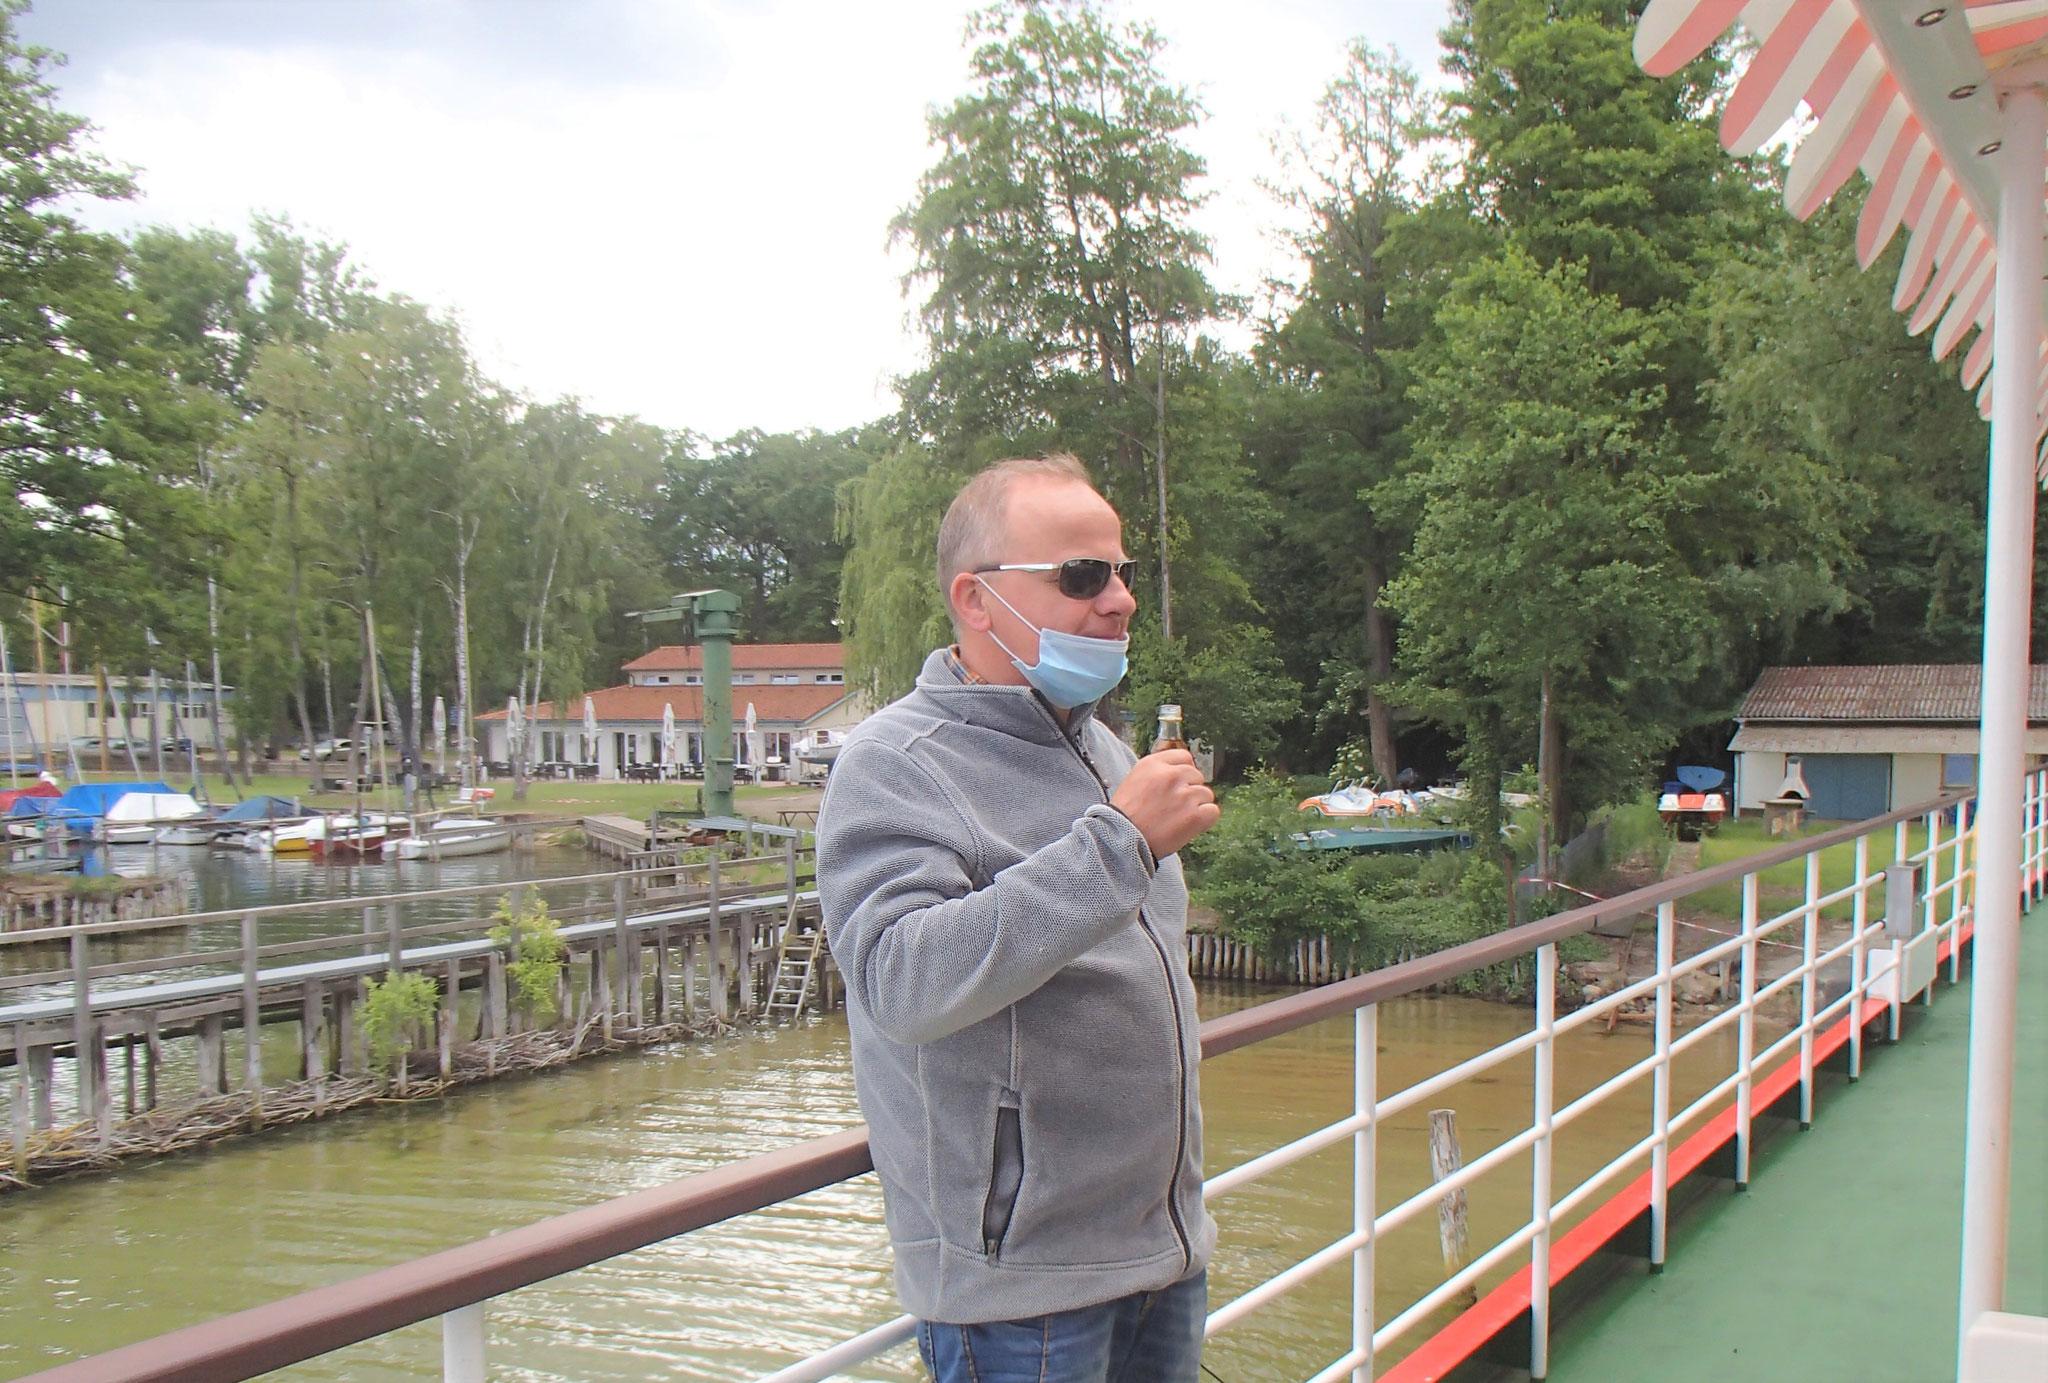 Das ist nicht der Schiffsjunge, das ist Jörg